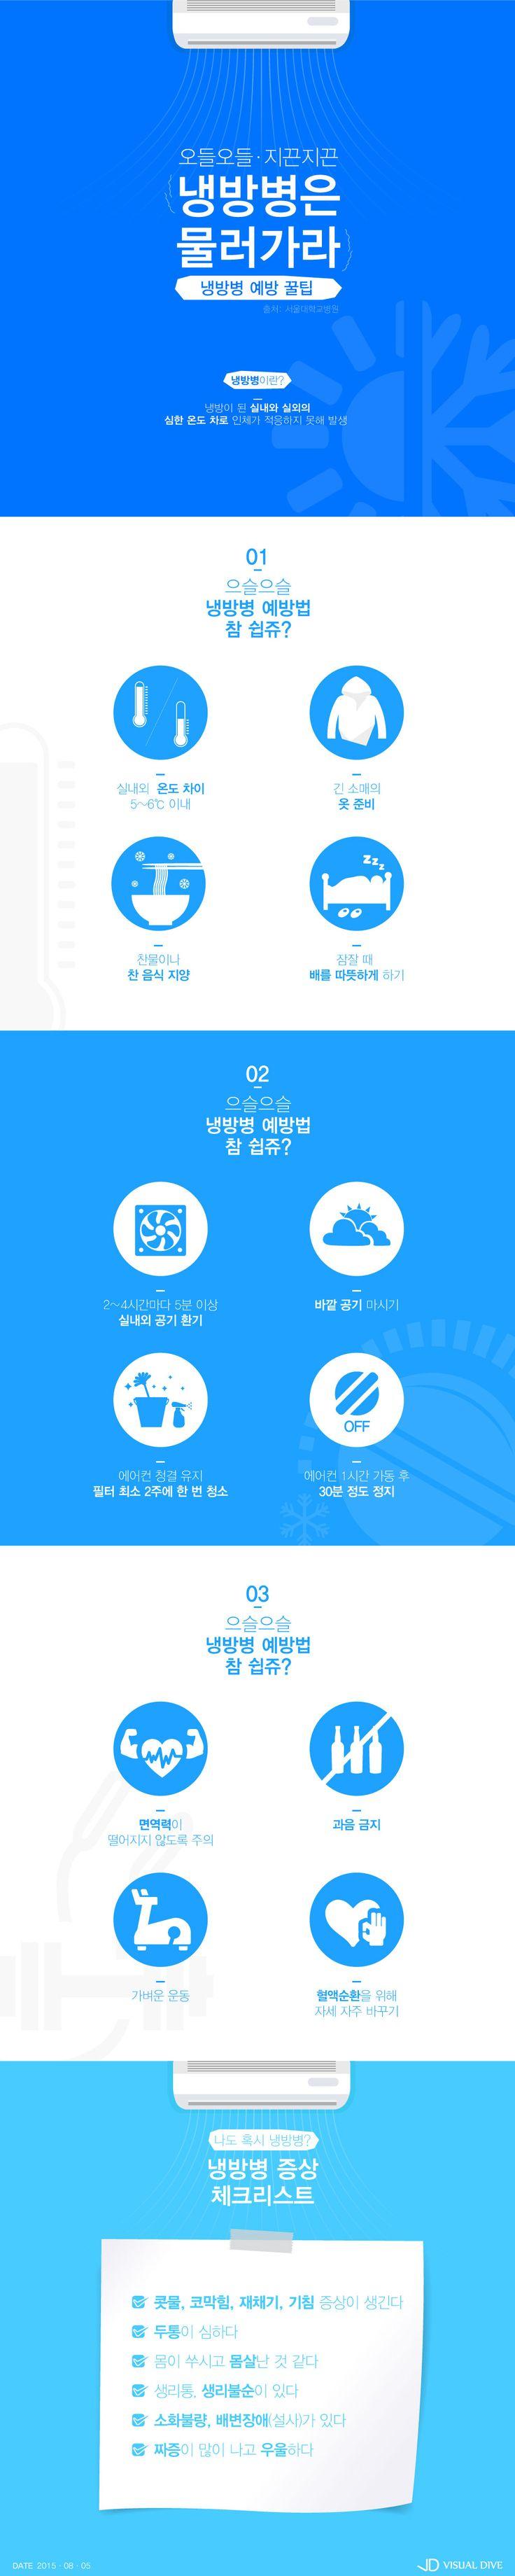 여름 불청객 '냉방병' 예방 꿀팁 [인포그래픽] #Air_conditioningitis / #Infographic ⓒ 비주얼다이브 무단 복사·전재·재배포 금지